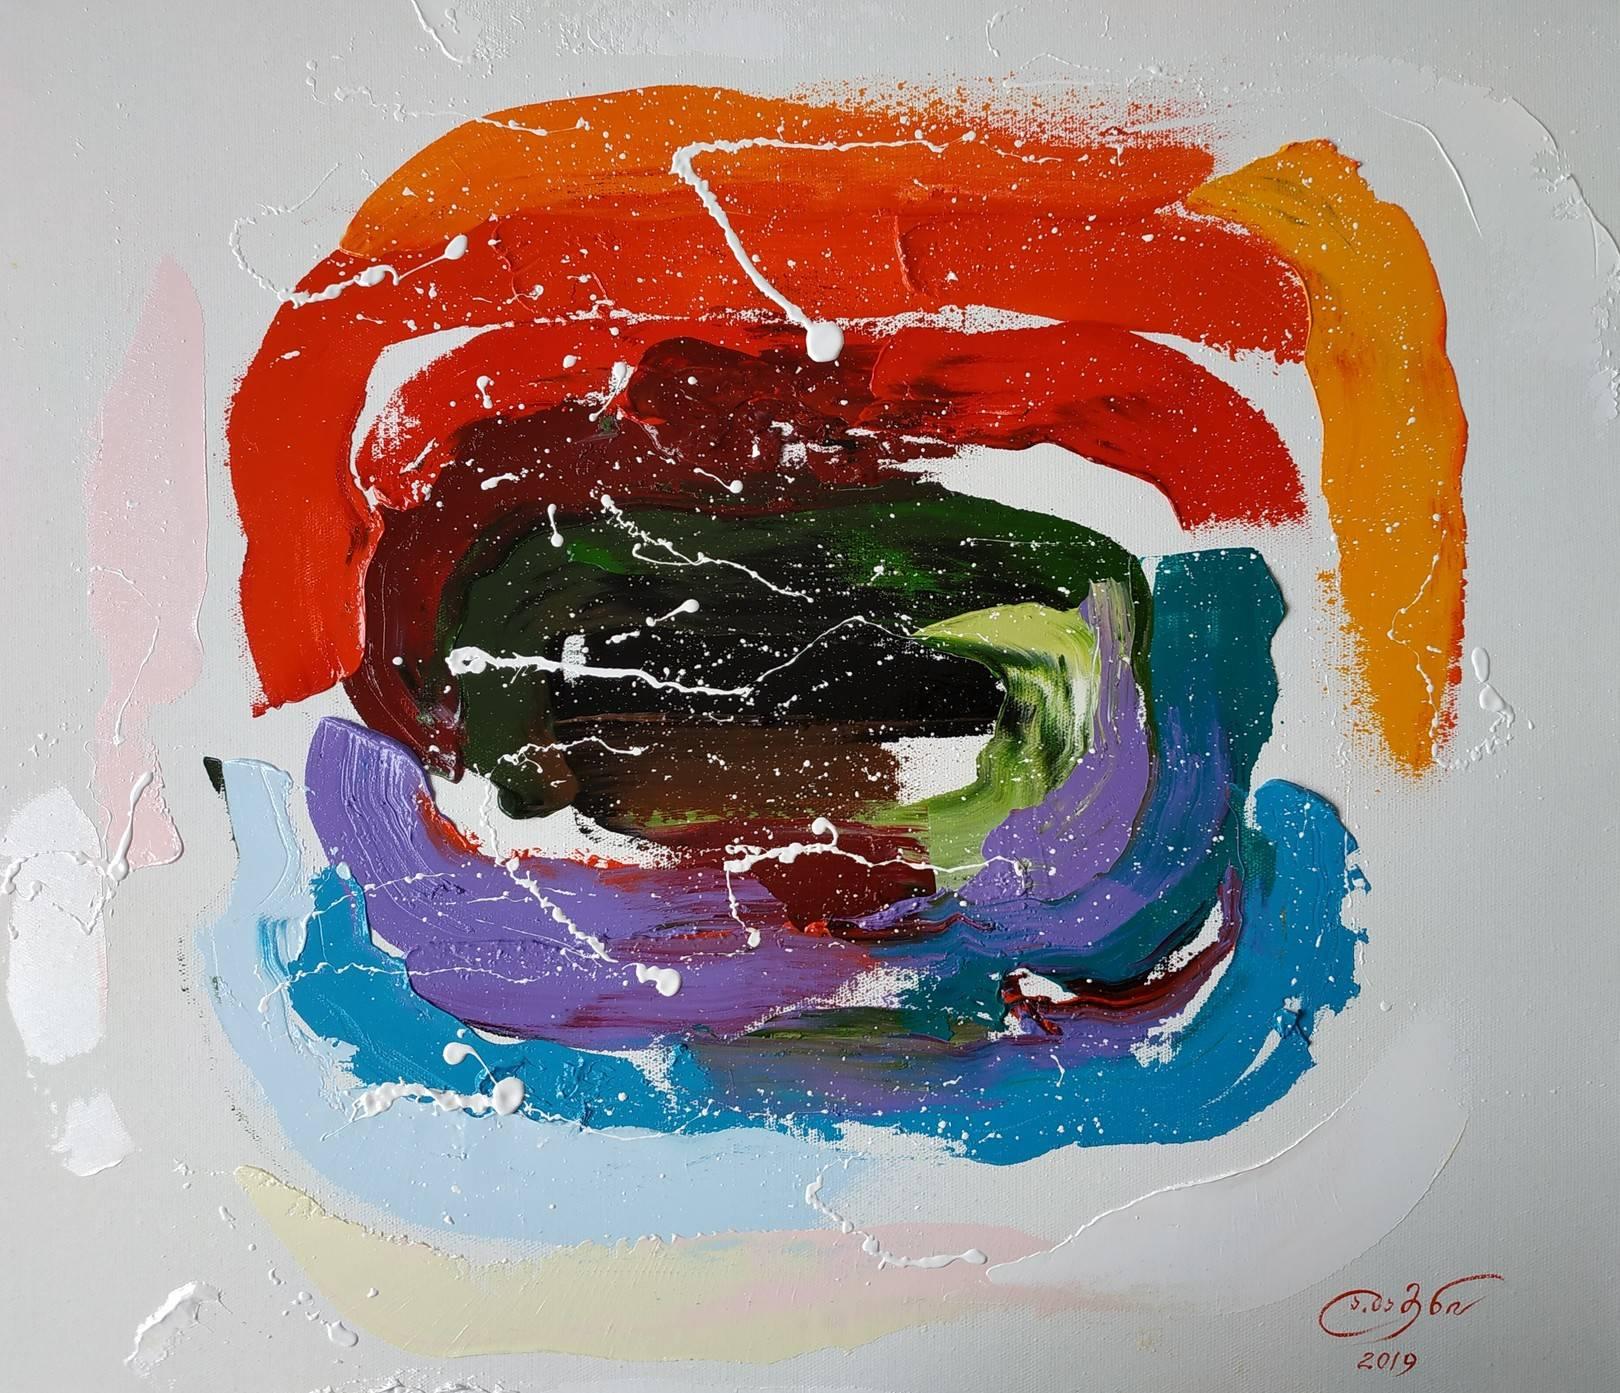 «Пространственно-временной портал»          холст, масло «Spatio-temporal portal»                     oil on canvas                                                      55x65,  2019